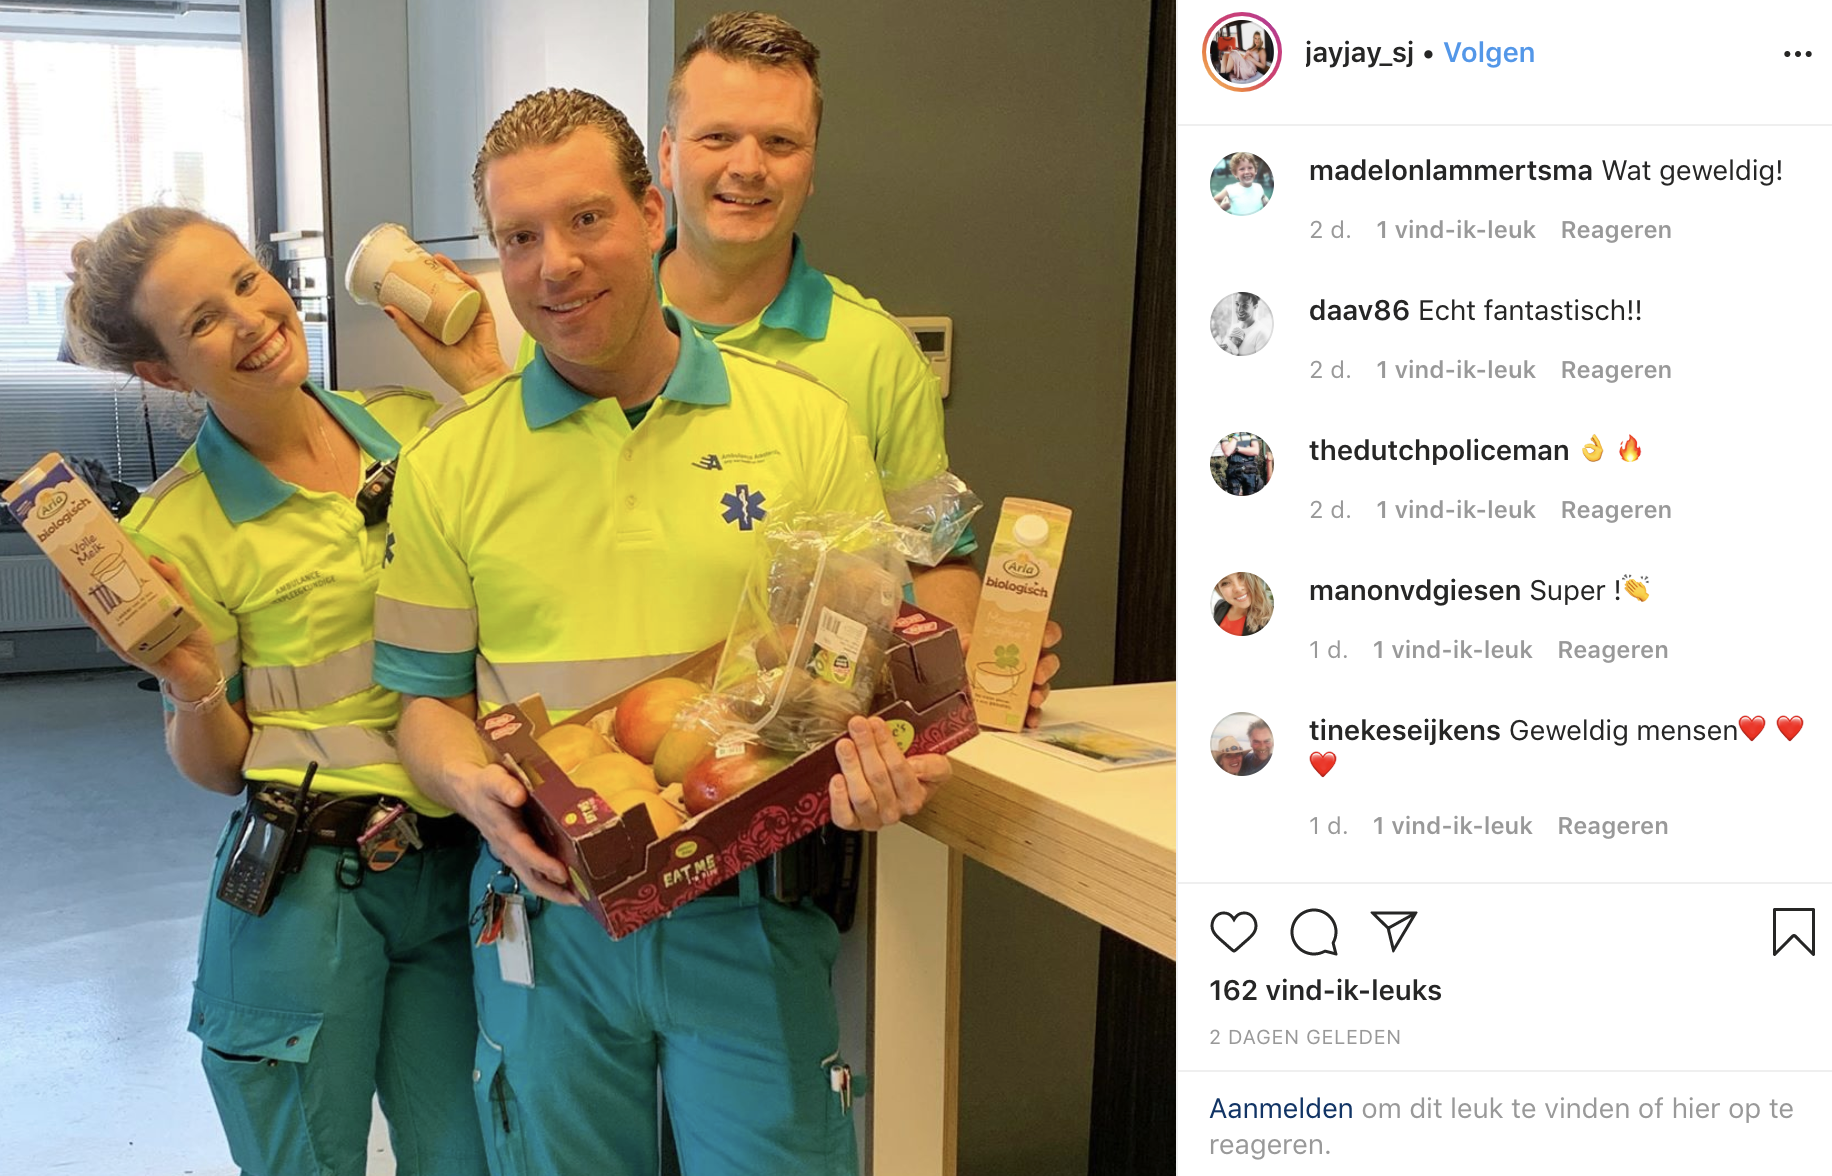 Thuisbezorgd.nl – Verrassingsbezoek aan ambulance personeel in Amsterdam